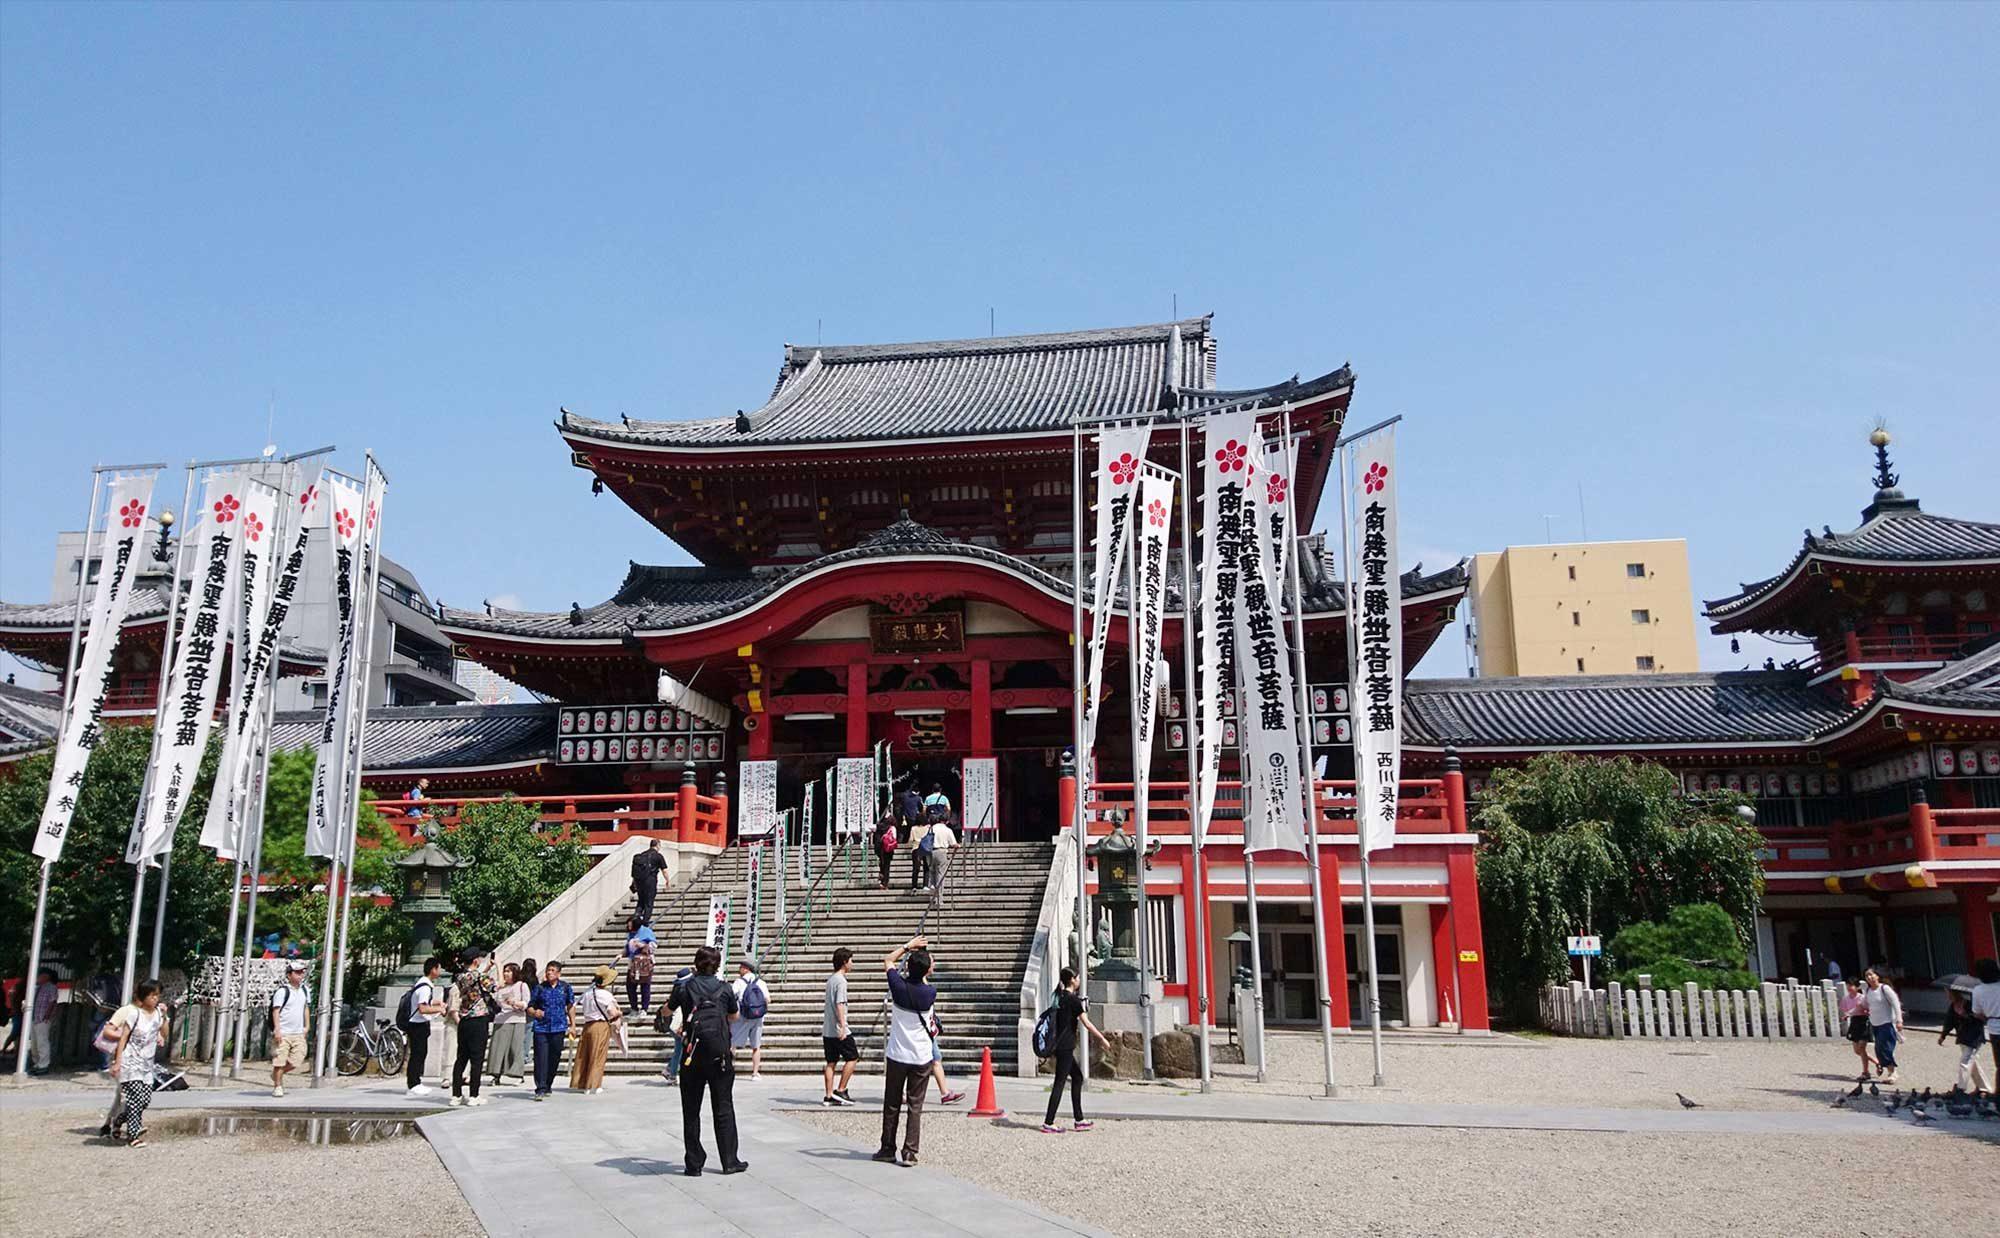 名古屋に住むなら大須商店街! 何でもそろう便利で快適な住み心地